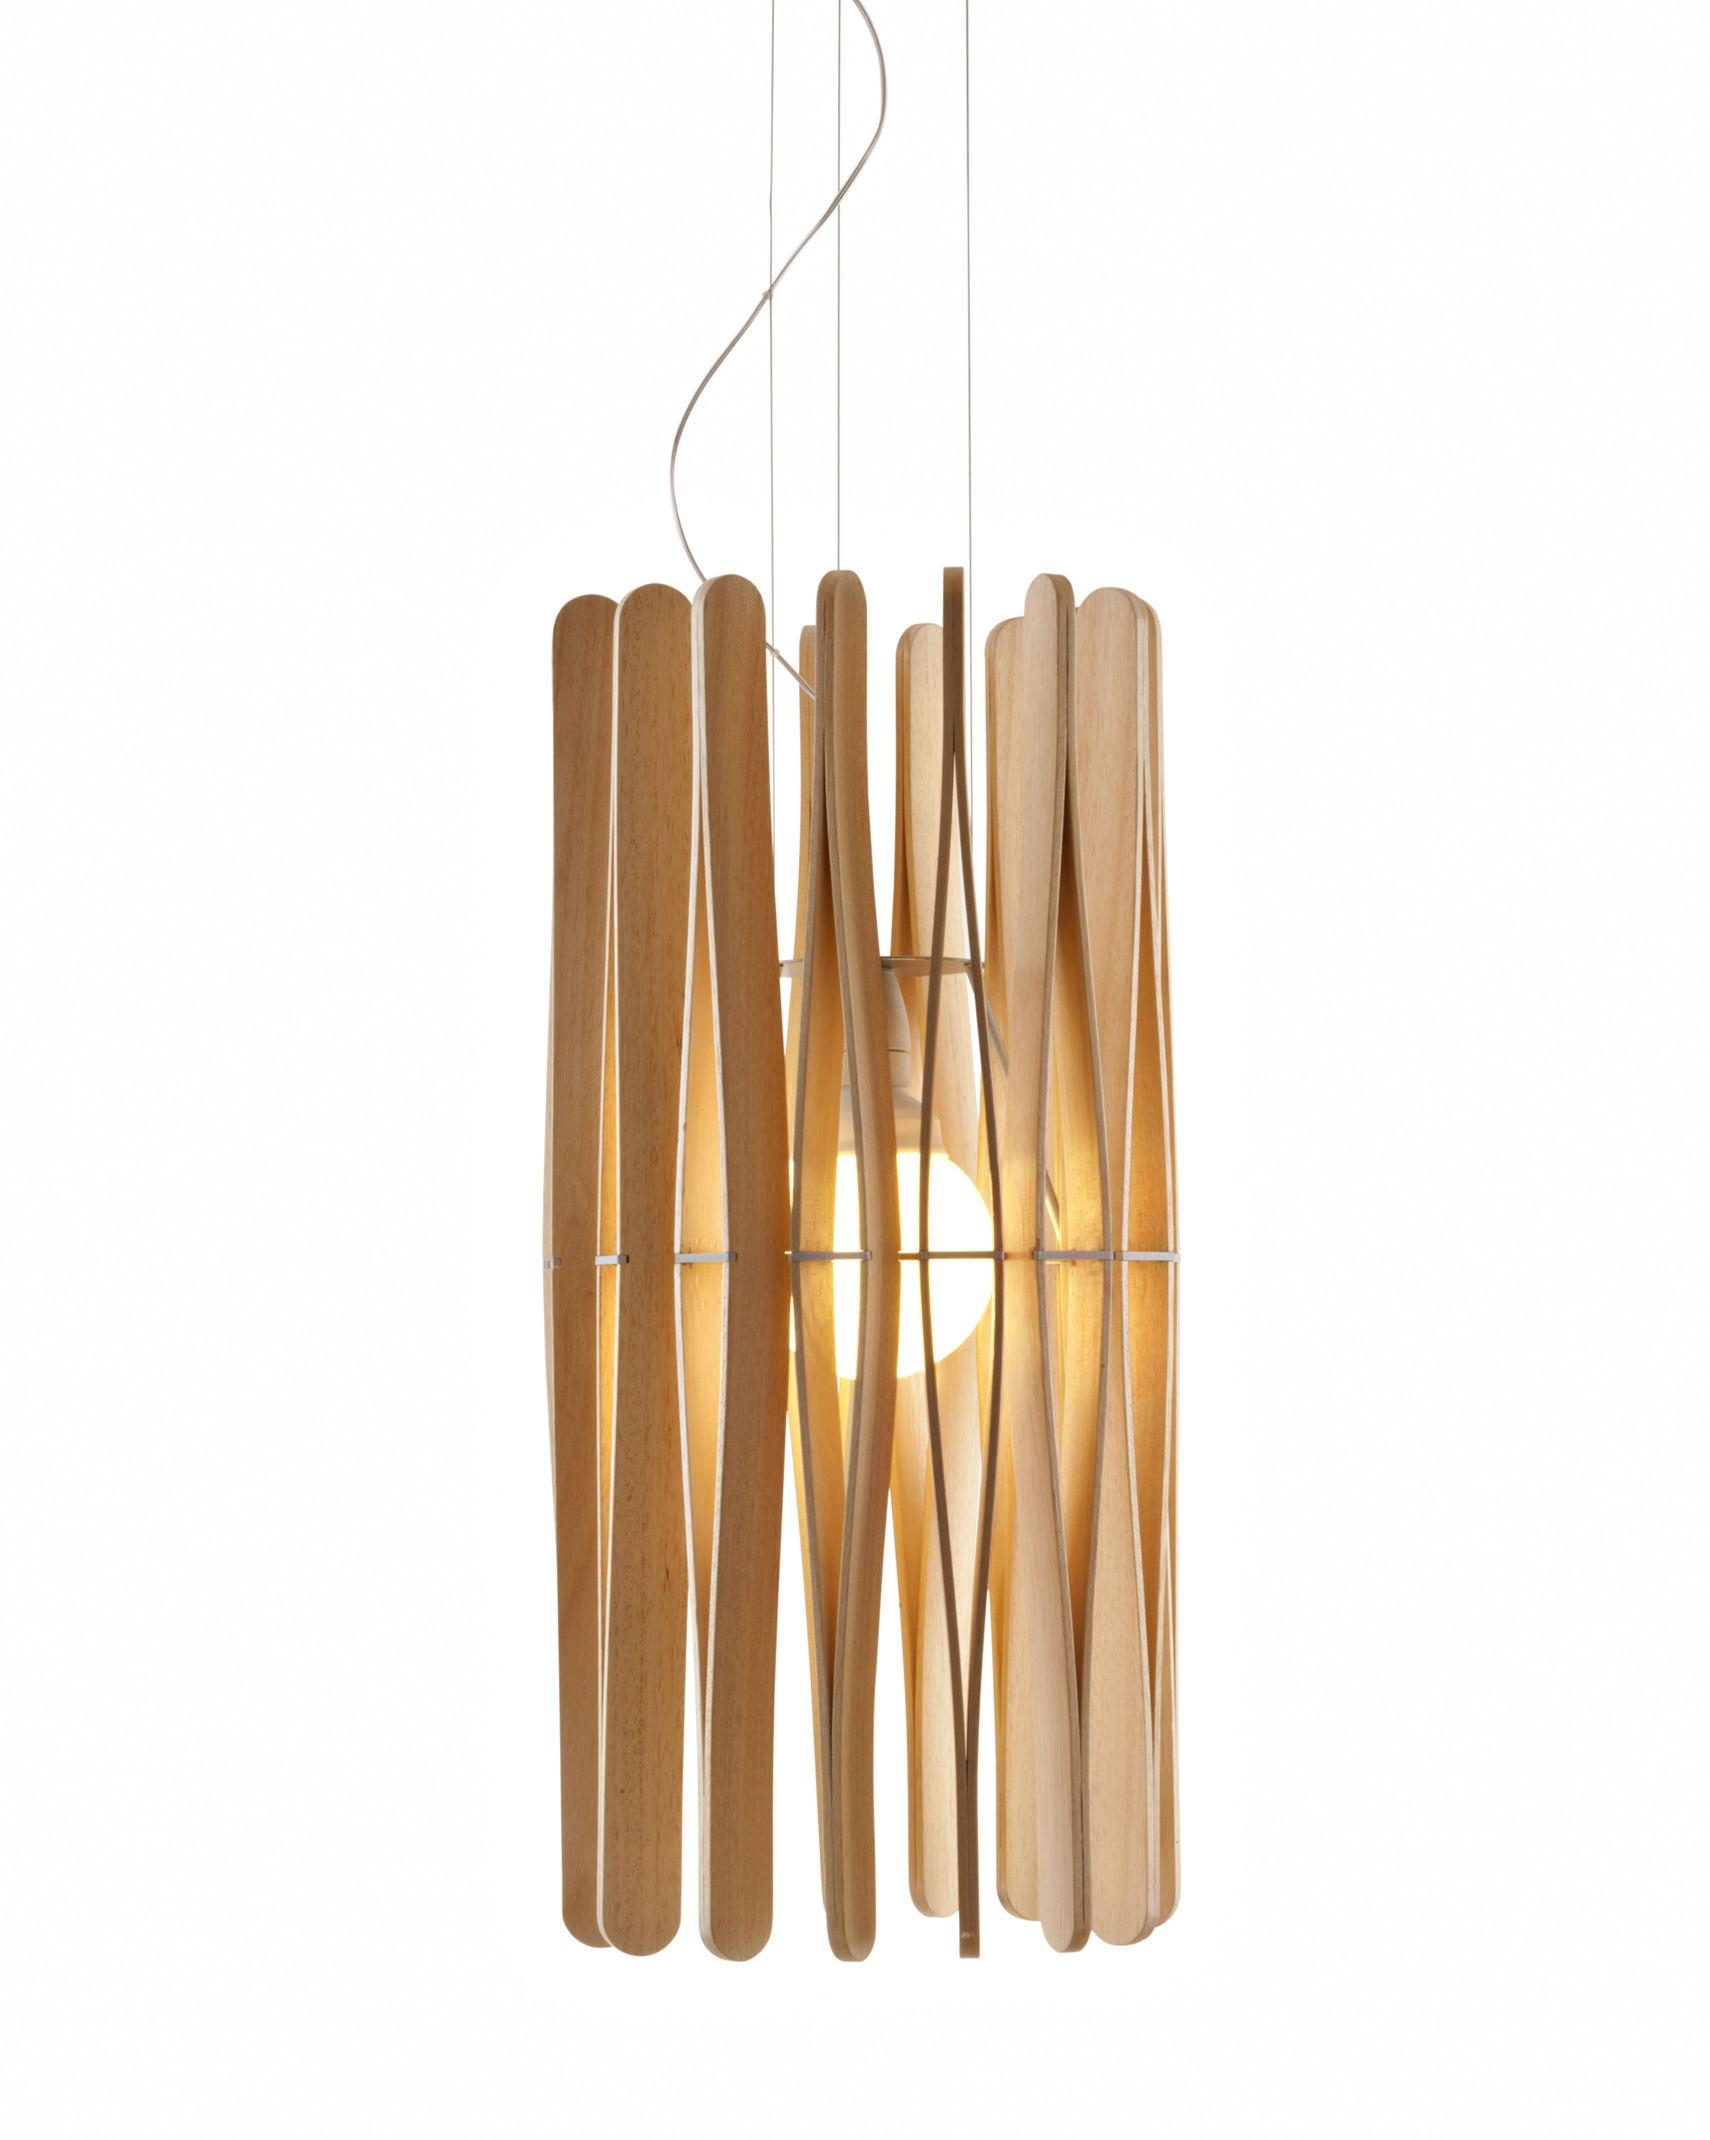 Illuminazione - Lampadari - Sospensione Stick 01 - / Ø 33 x H 65 cm di Fabbian - Legno chiaro - Bois Ayous, metallo verniciato